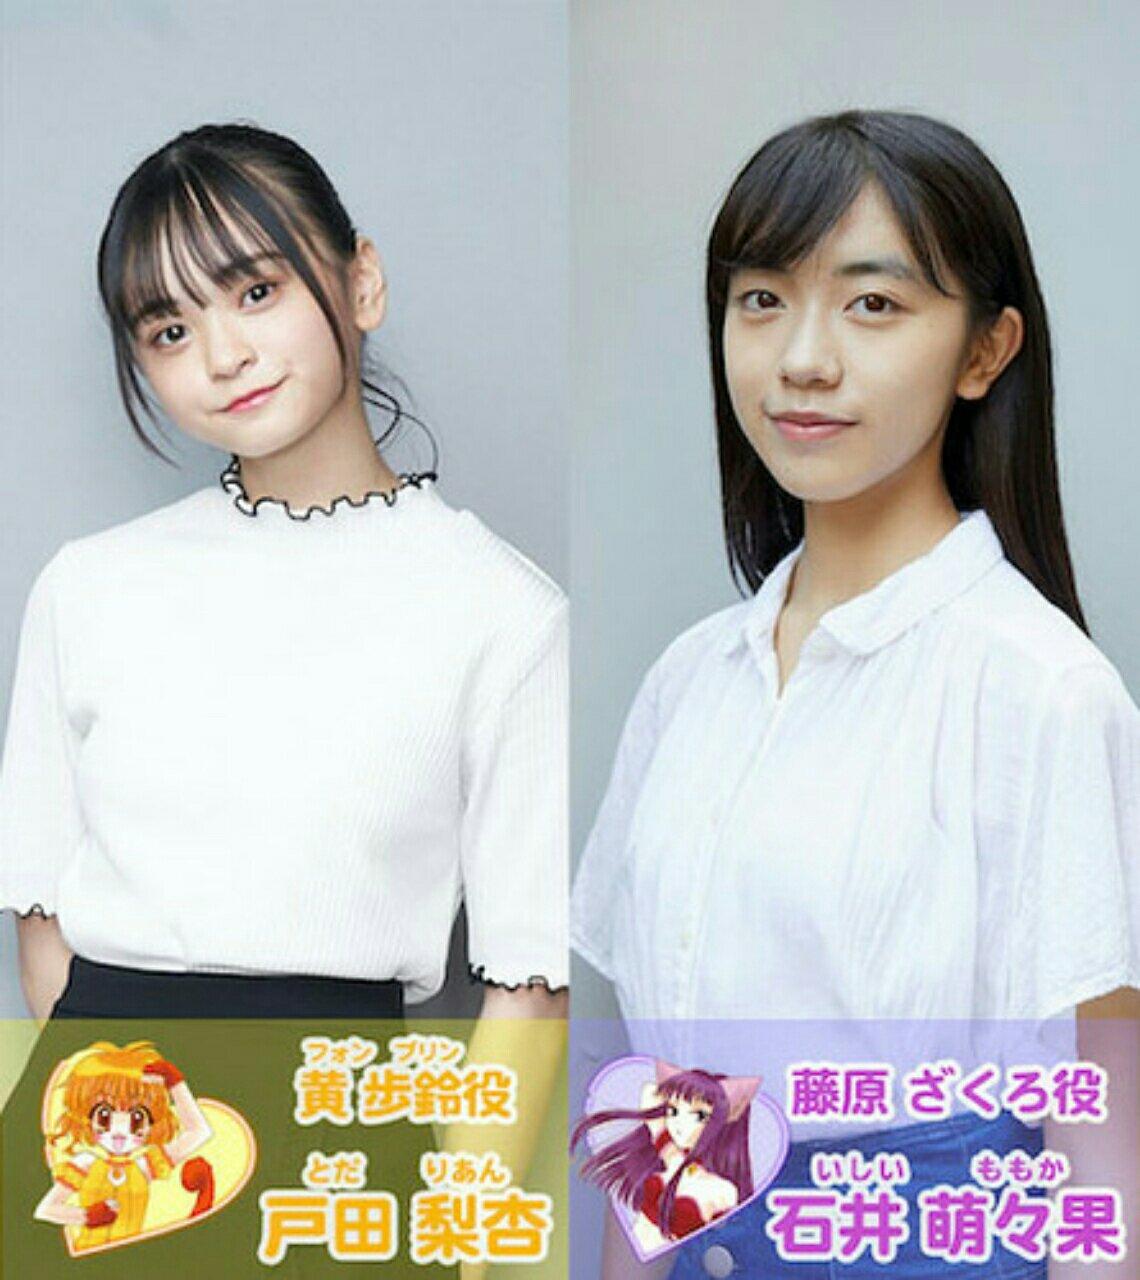 Anime Tokyo Mew Mew New Ungkap Staf Utama dan Kapan Tayangnya 5